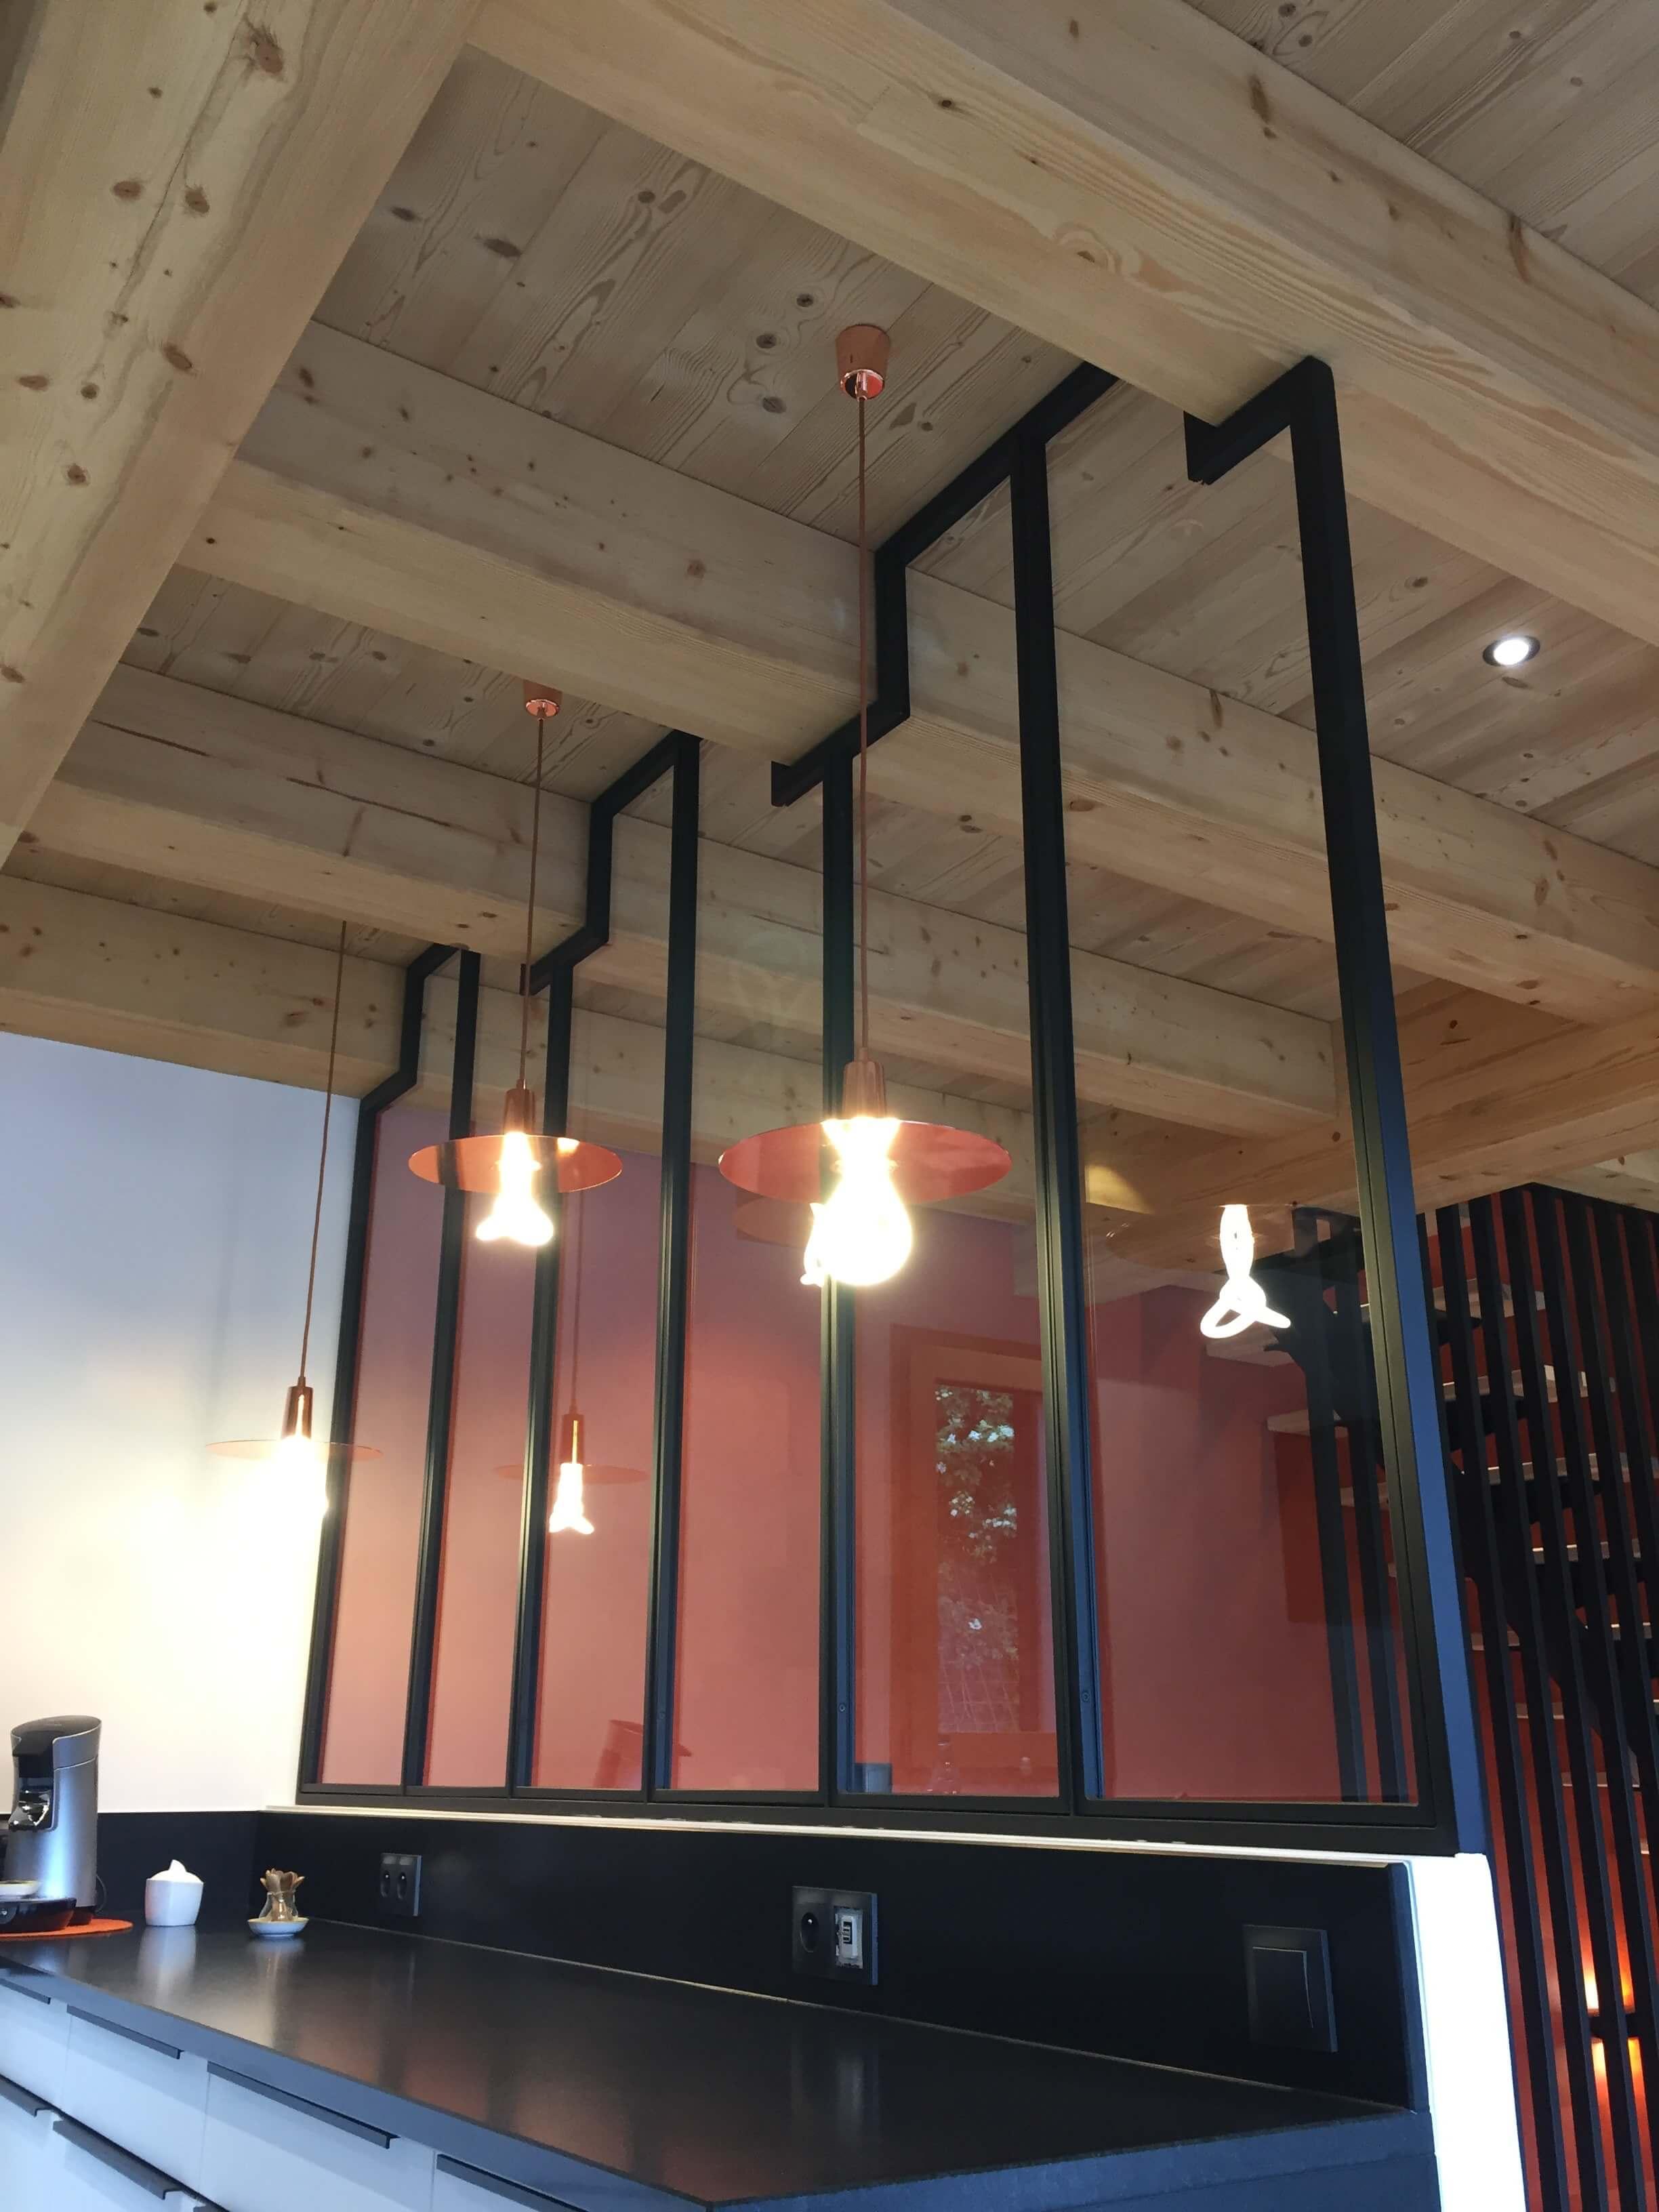 Robi design Métallique Annecy agencement intérieur verrière claustra Tarentaise 7328